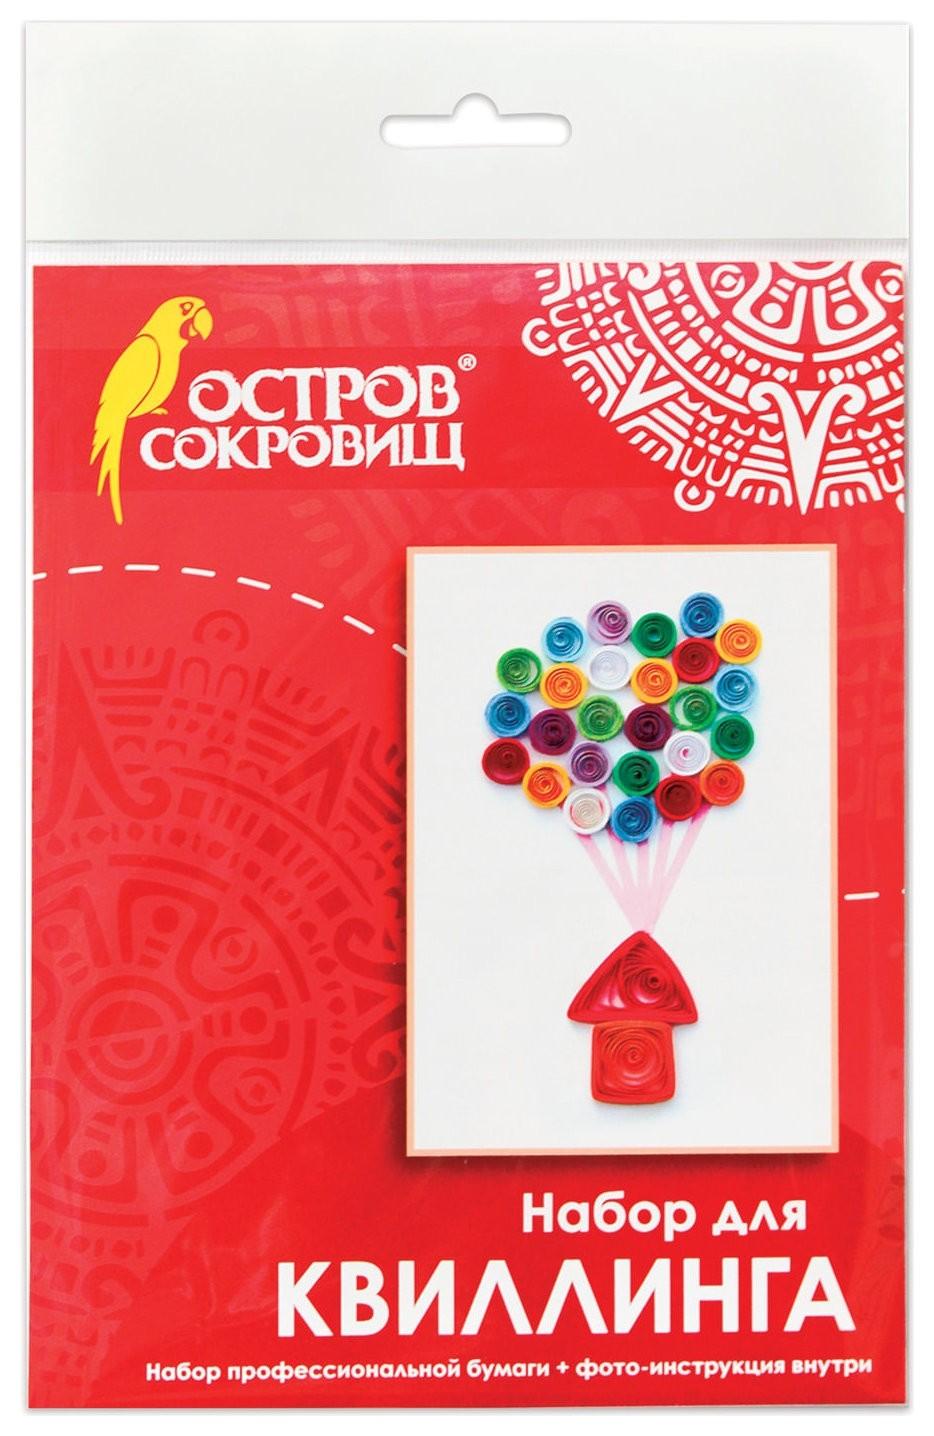 Набор для квиллинга детский, 10 цветов, 38 полос, с эскизом Домик с шариками  Остров сокровищ